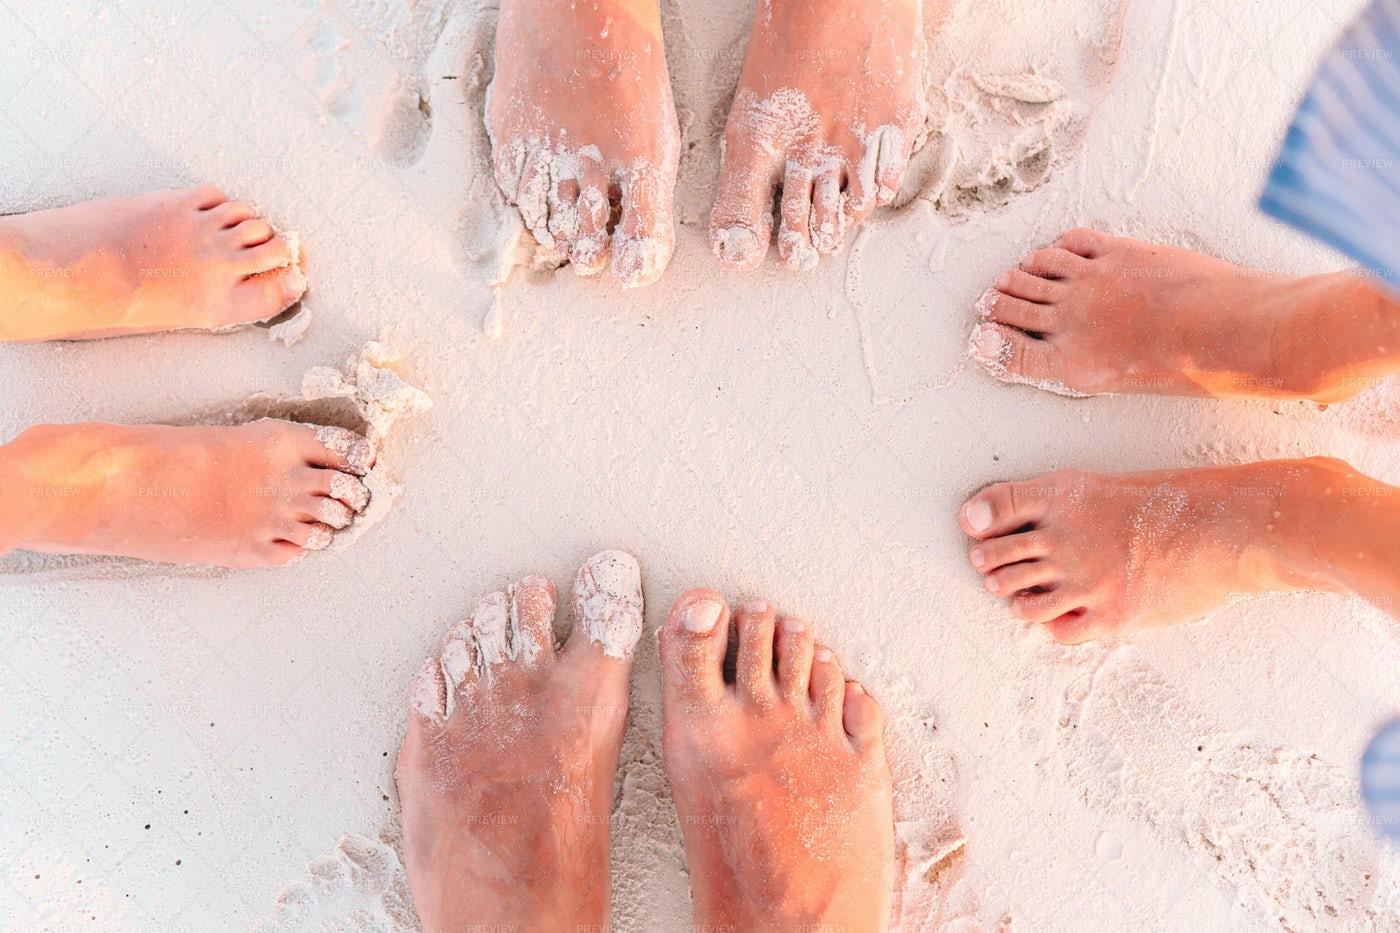 Feet Of A Family: Stock Photos